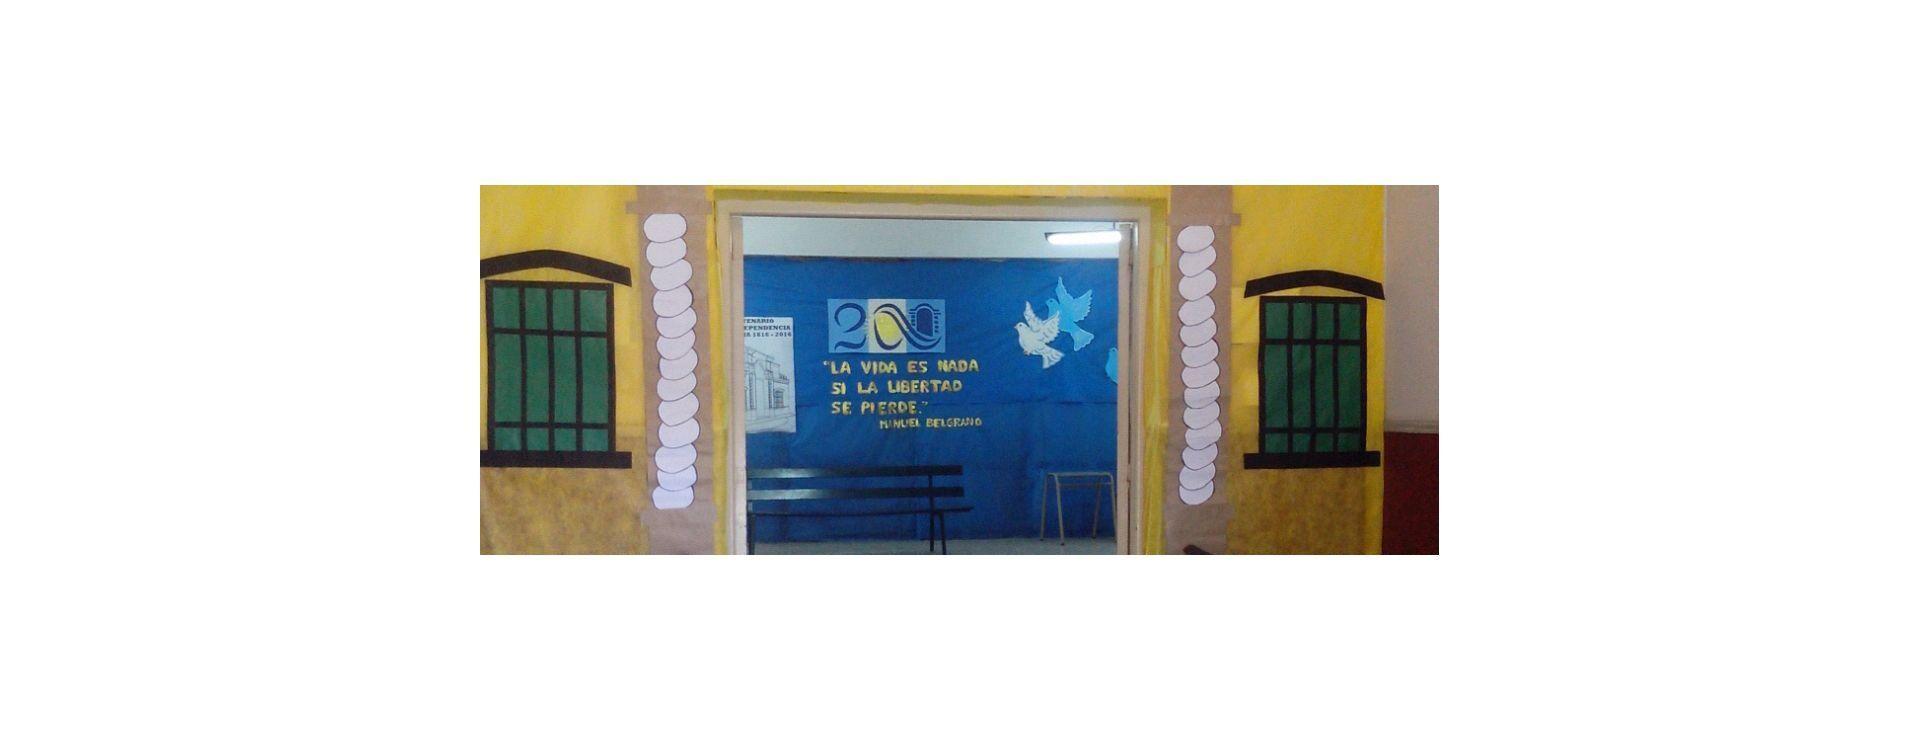 La escuela Beleno festejó los 200 años de la Independencia